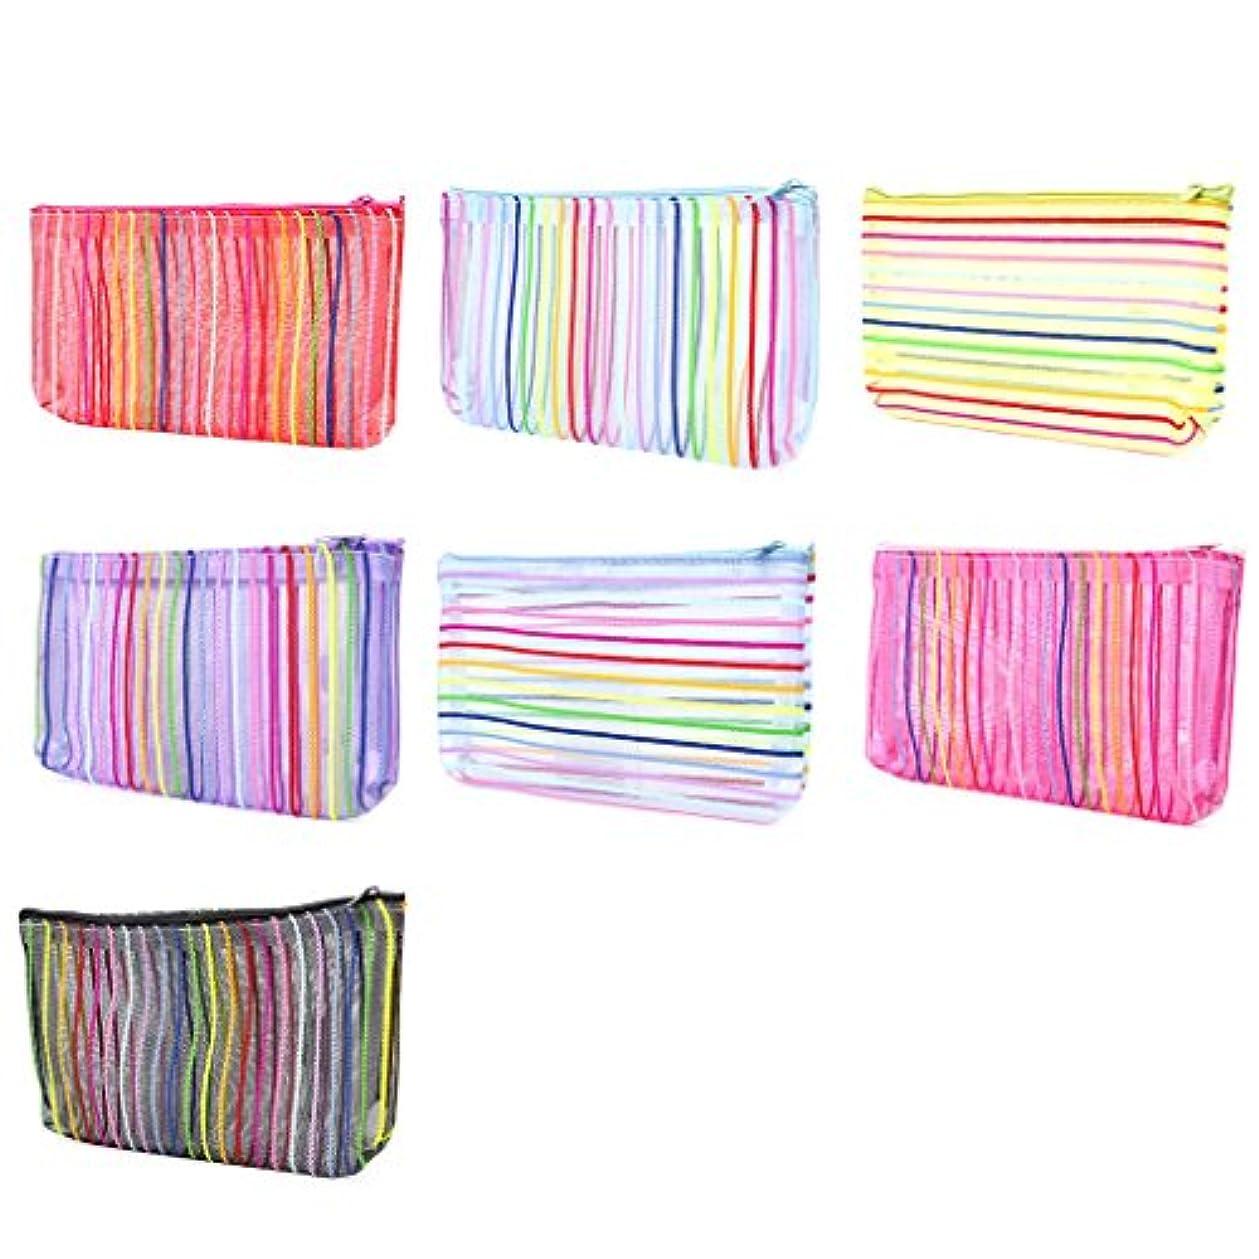 マッサージ徹底リズミカルなSimpleLife Rainbow化粧品バッグ/ナイロンメッシュ化粧ケース/トラベルトイレタリーポーチオーガナイザーバッグ(ジッパー付き)(ランダムカラー)